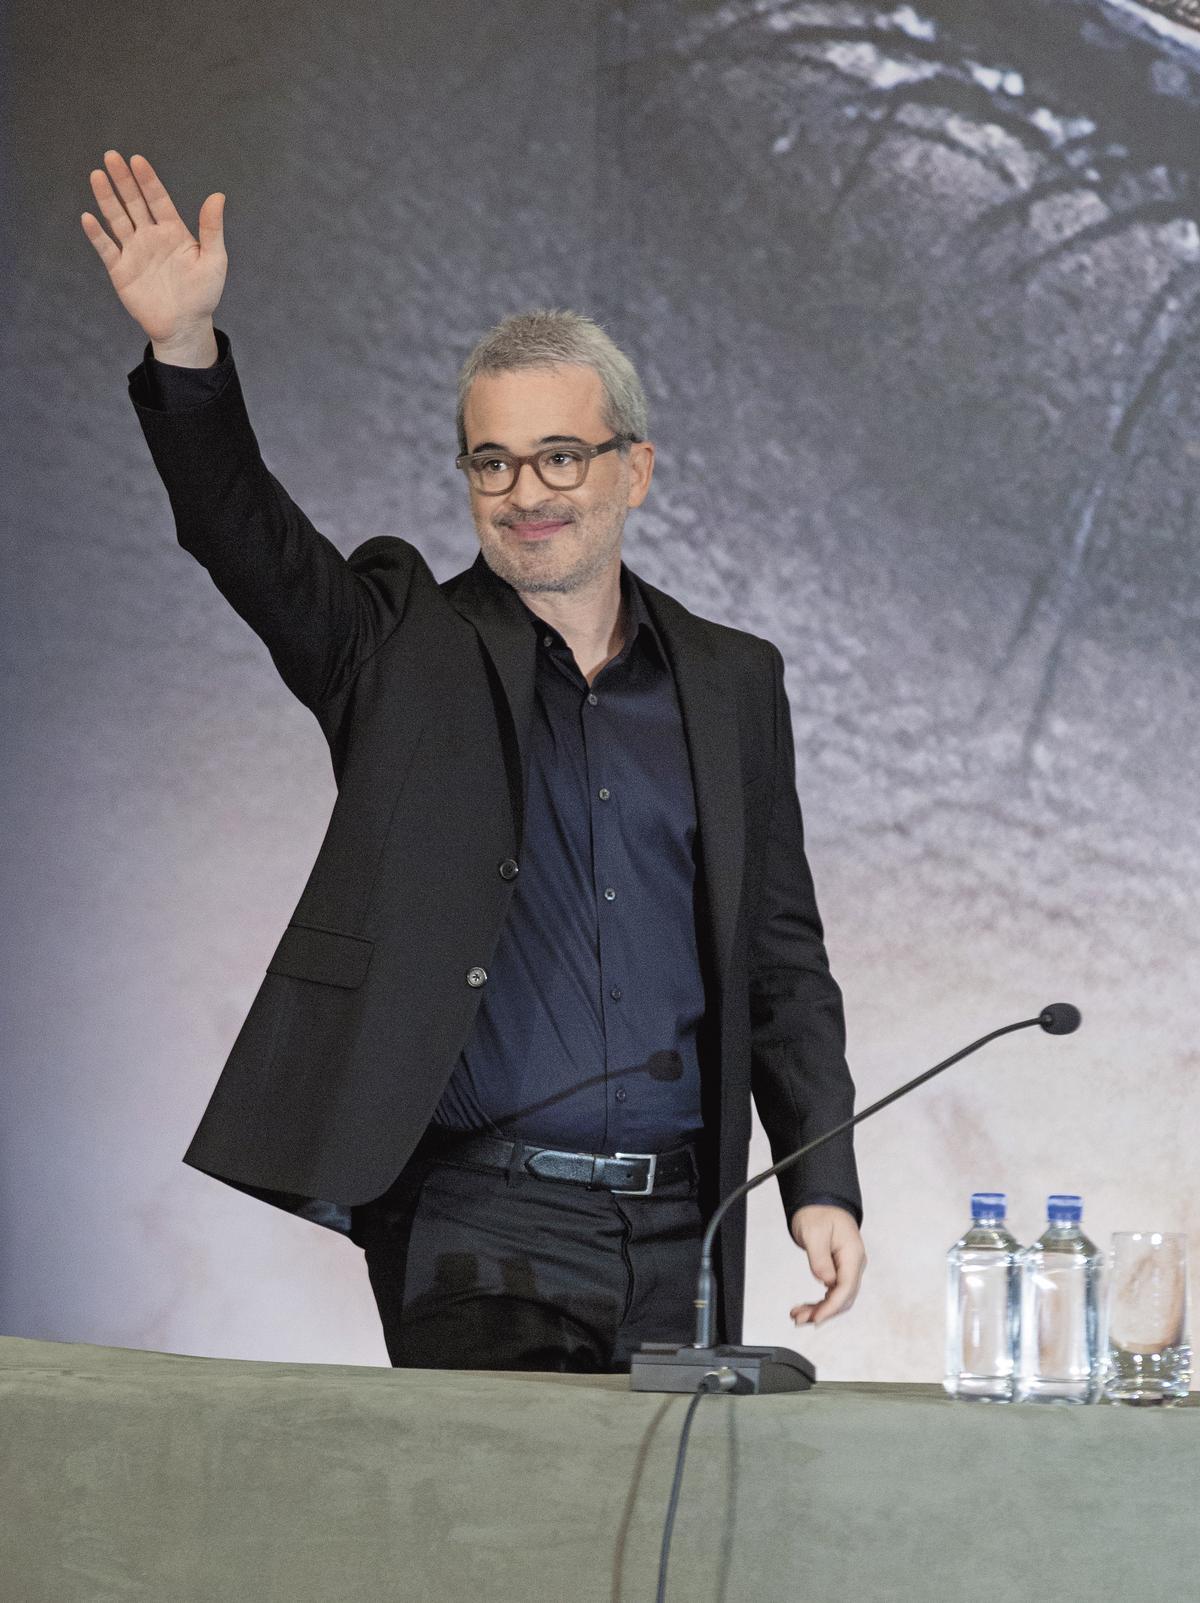 《神鬼傳奇》導演艾力克斯寇茲曼透露和阿湯哥合作壓力很大,但卻是前進的動力。